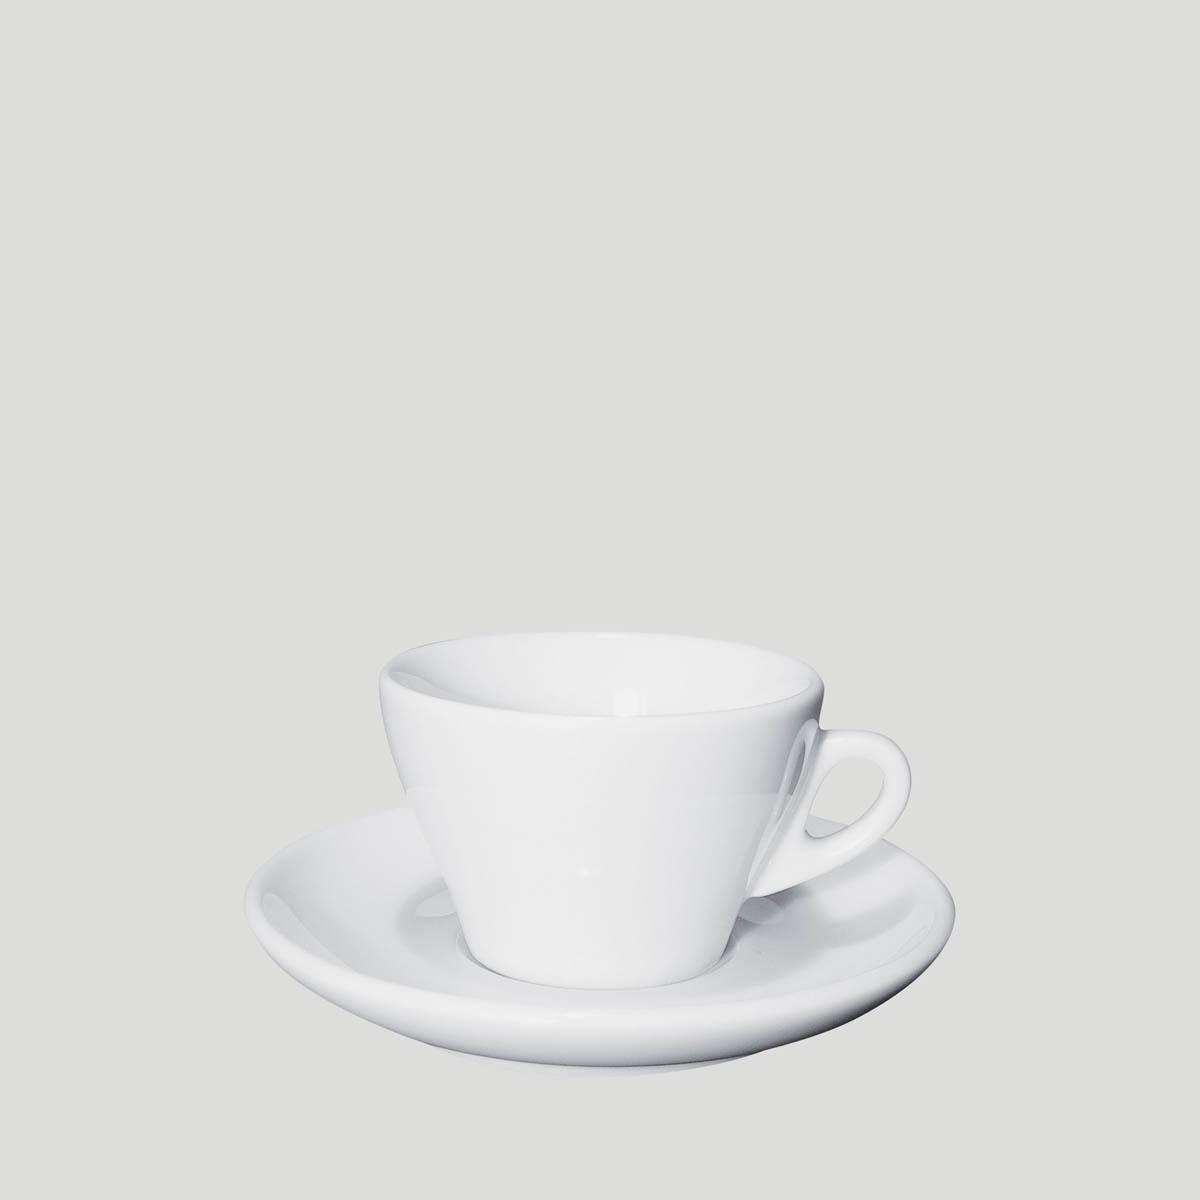 Tazza Cappuccino reale - tazza in porcellana per cappuccino - Gardagel